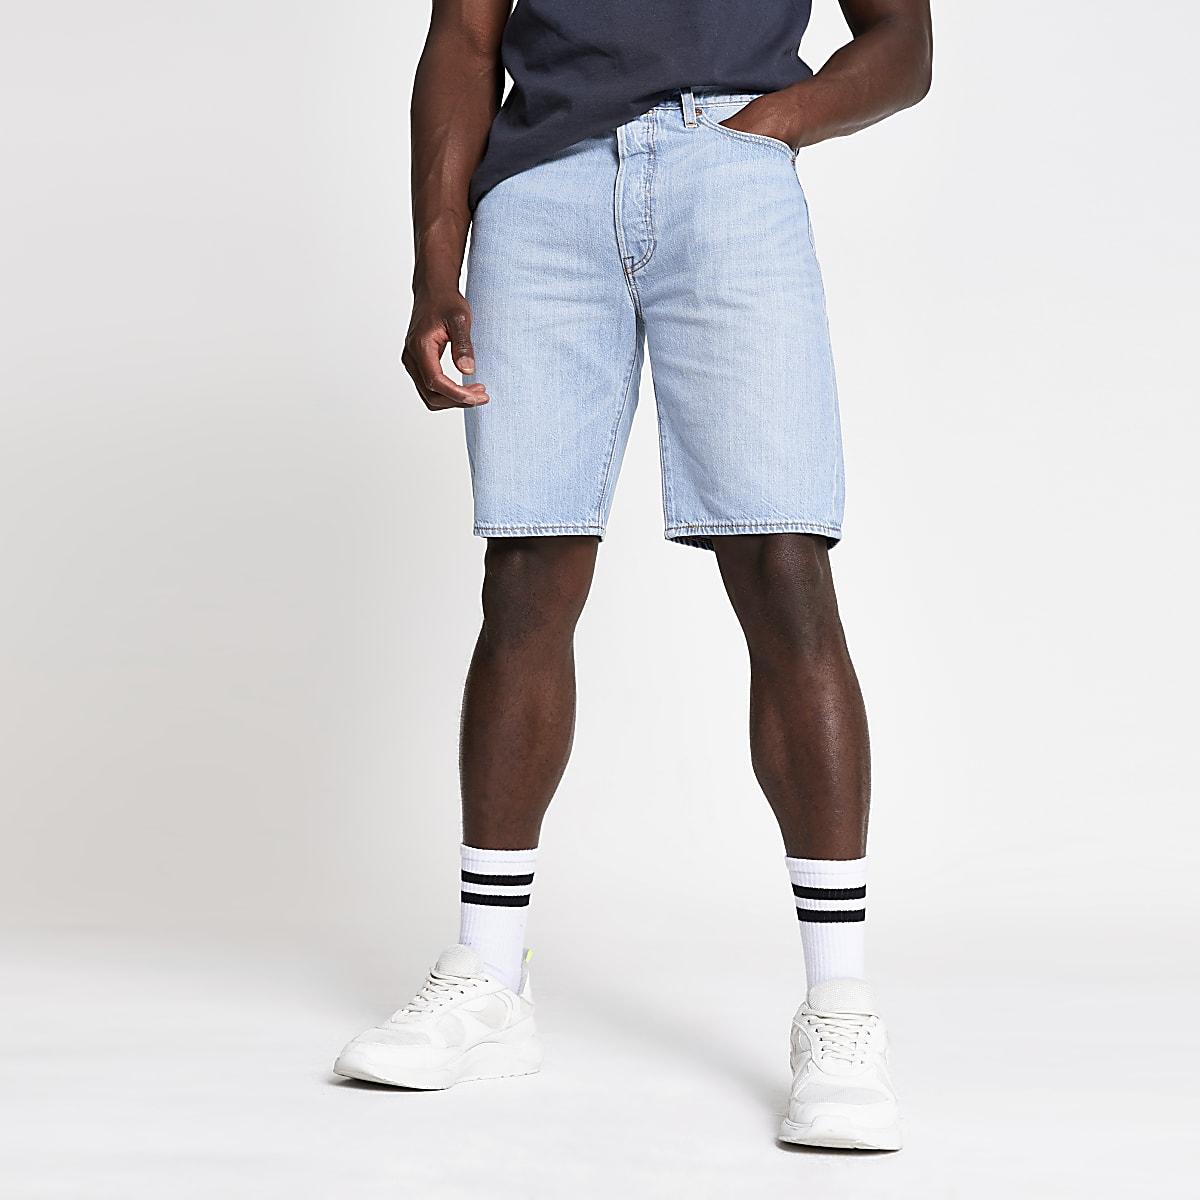 Levi's light blue 501 denim shorts